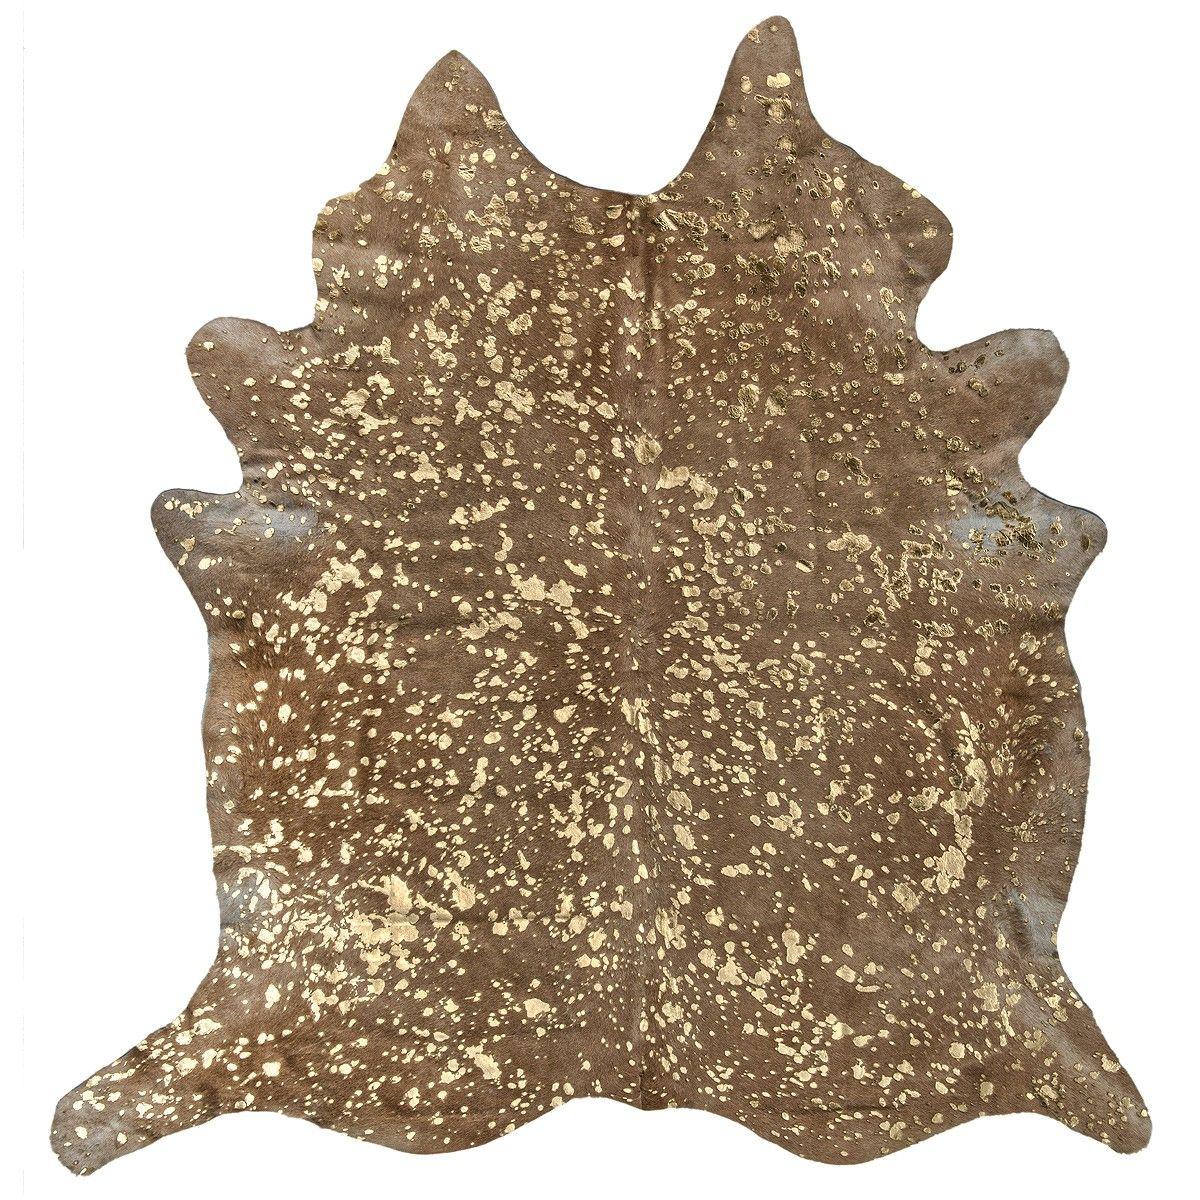 Gold Metallic Cowhide Rug Online Mooi Australia Metallic Cowhide Rug Cow Hide Rug Rugs Online